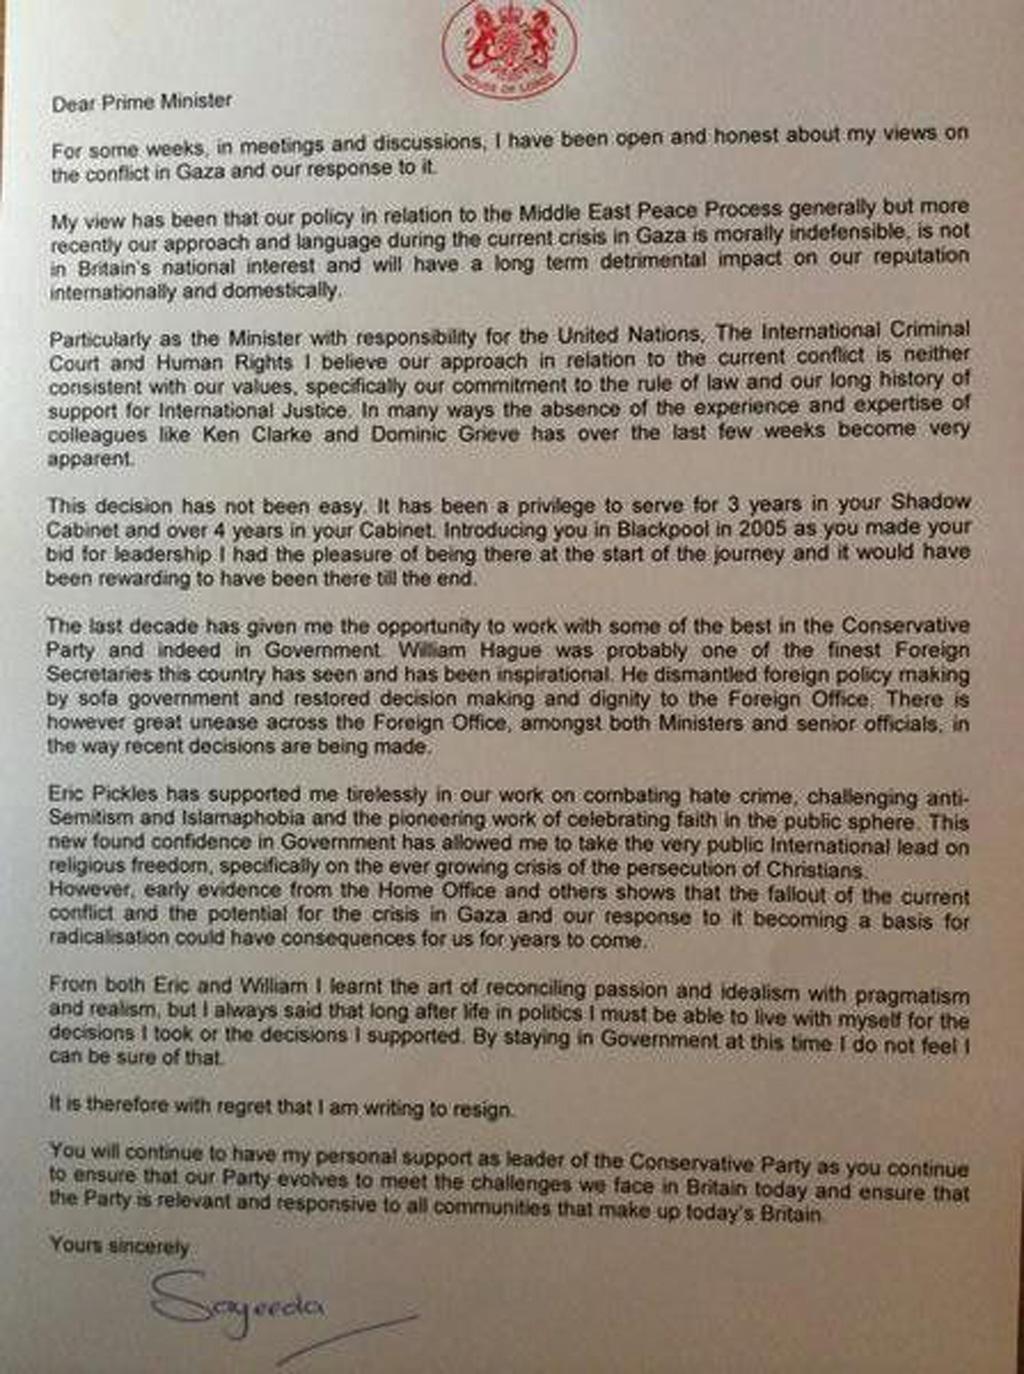 Baroness Sayeeda Warsi's resignation letter (WARSI TWITTER)